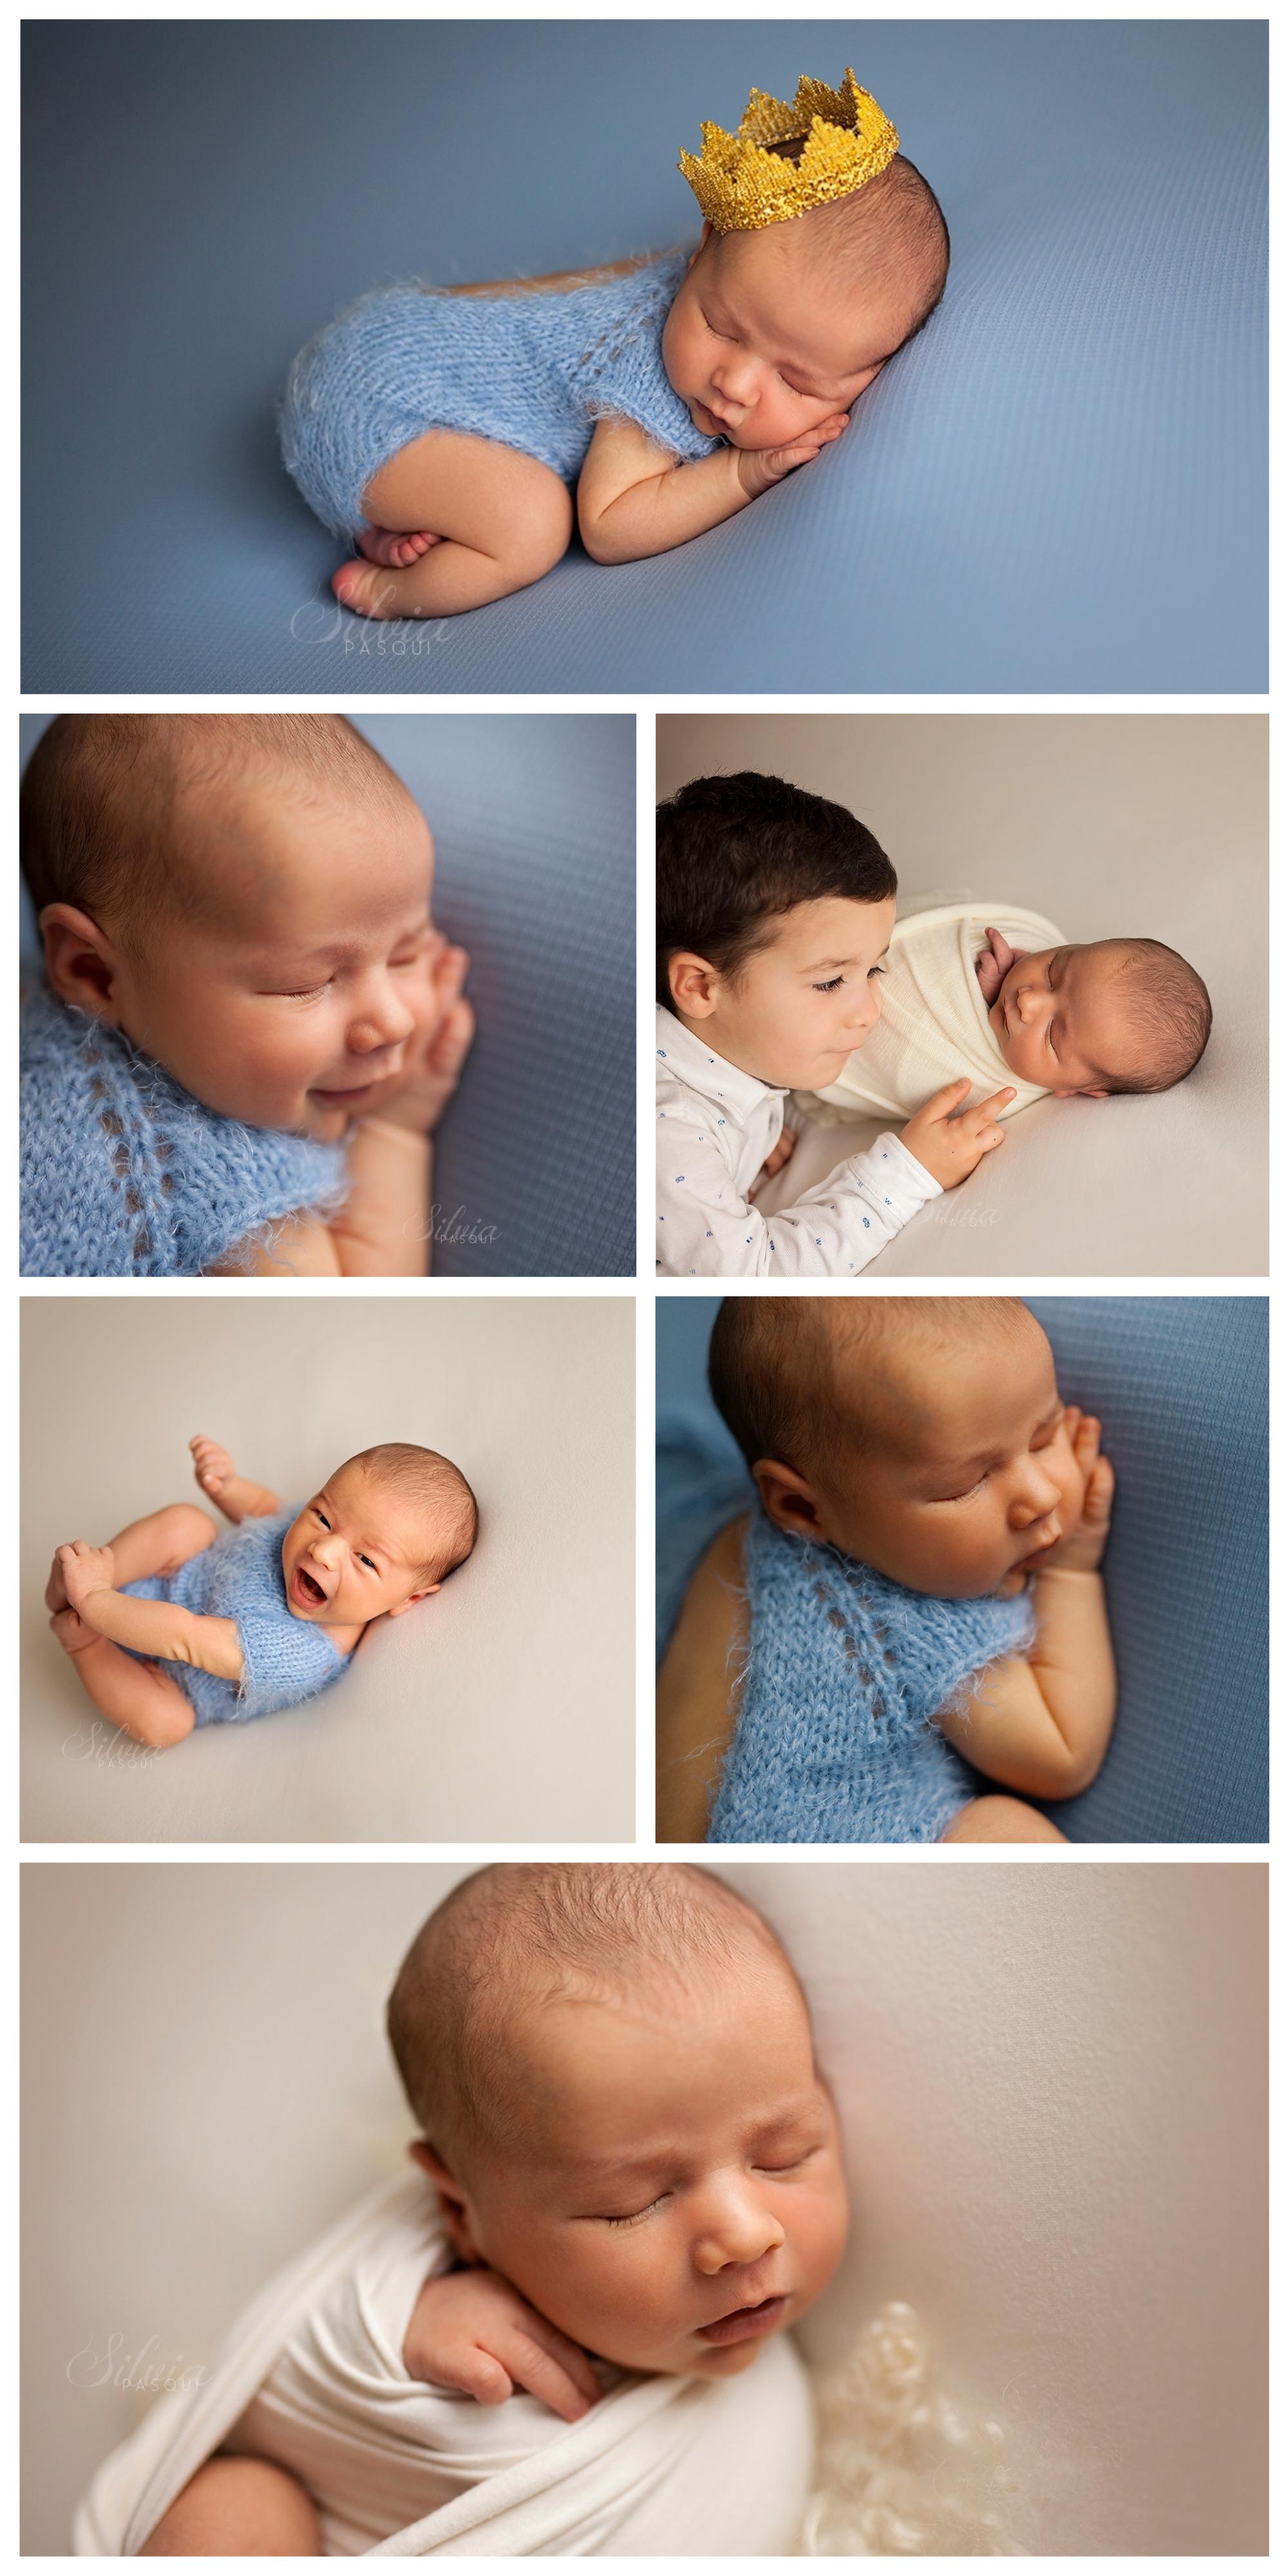 silvia pasqui neonati